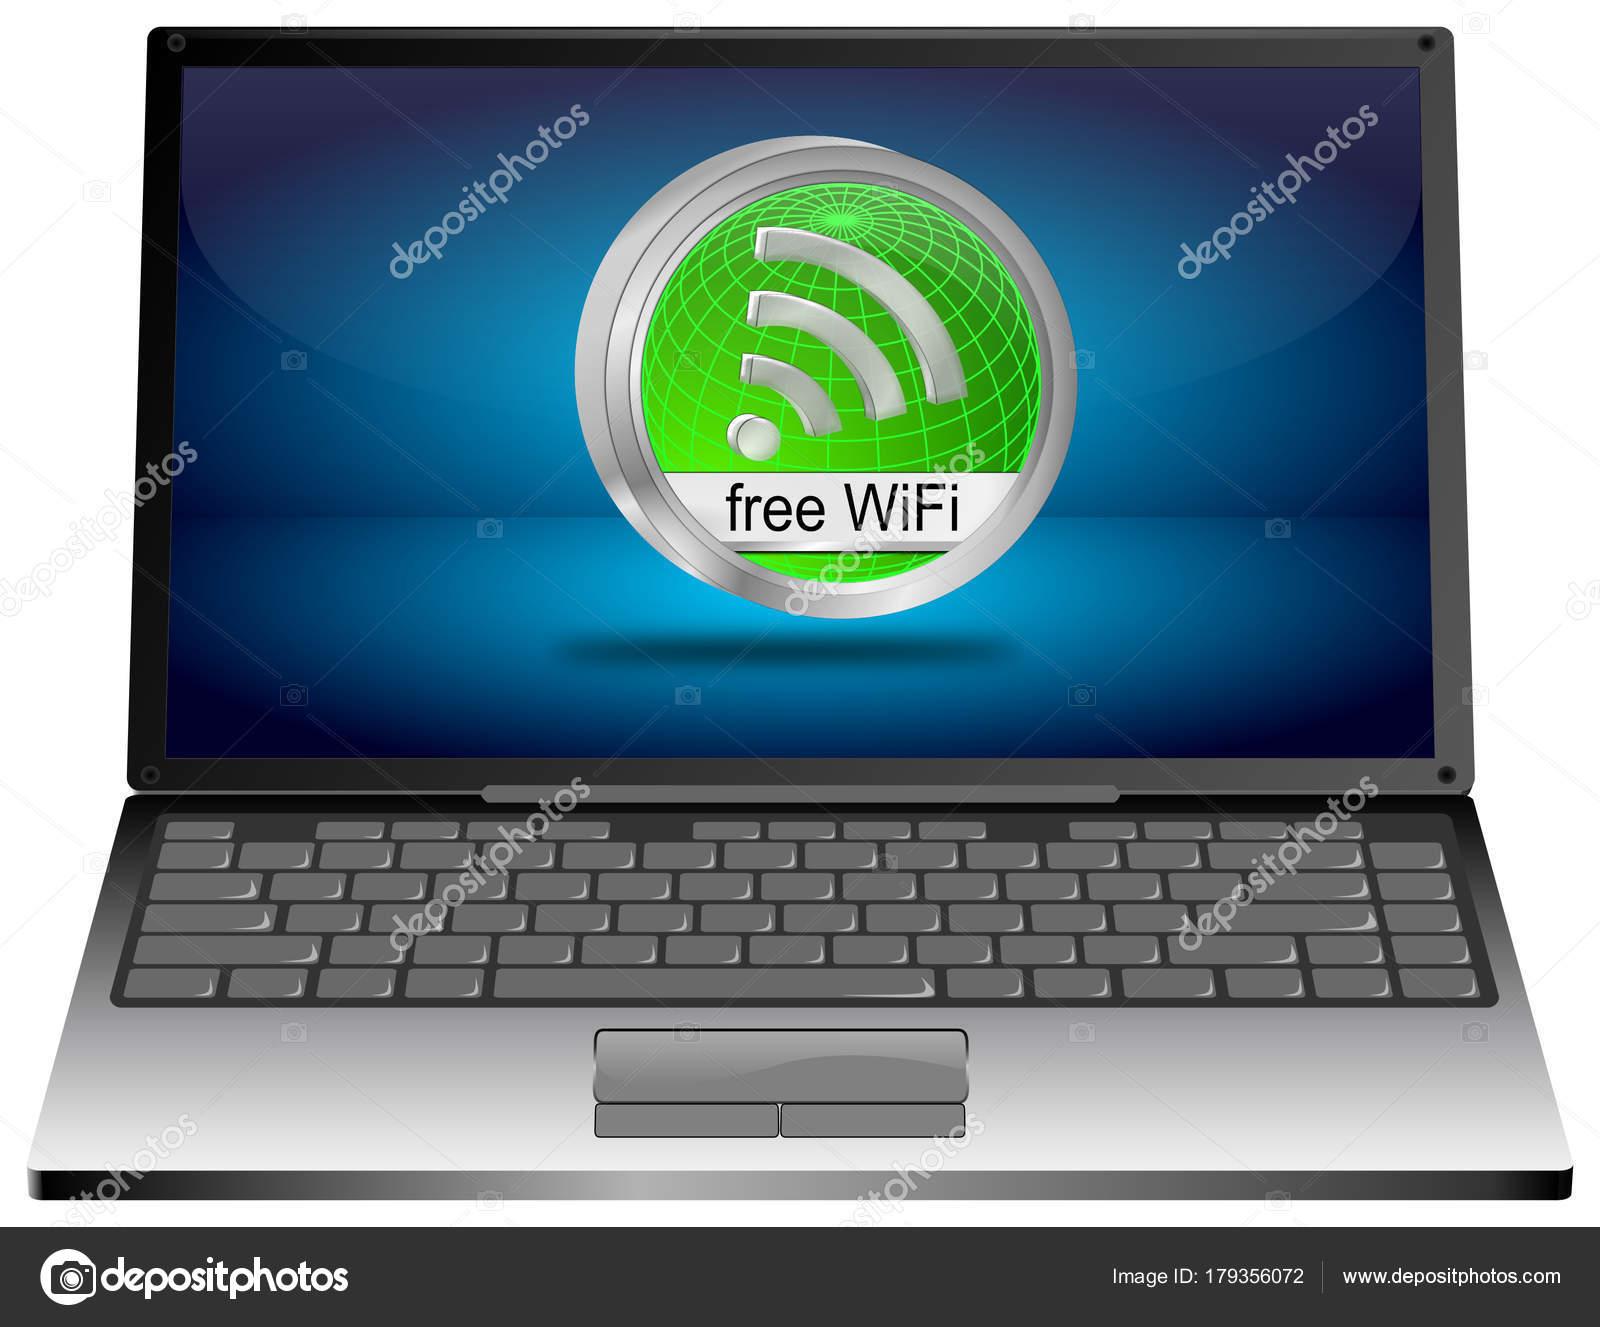 緑無料 wifi ボタン イラスト ノート パソコン — ストック写真